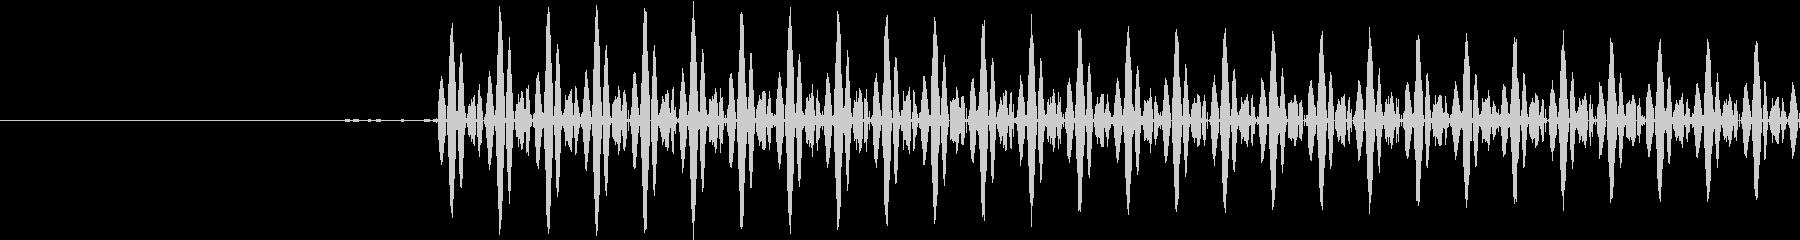 テレメトリまたは電子音の未再生の波形